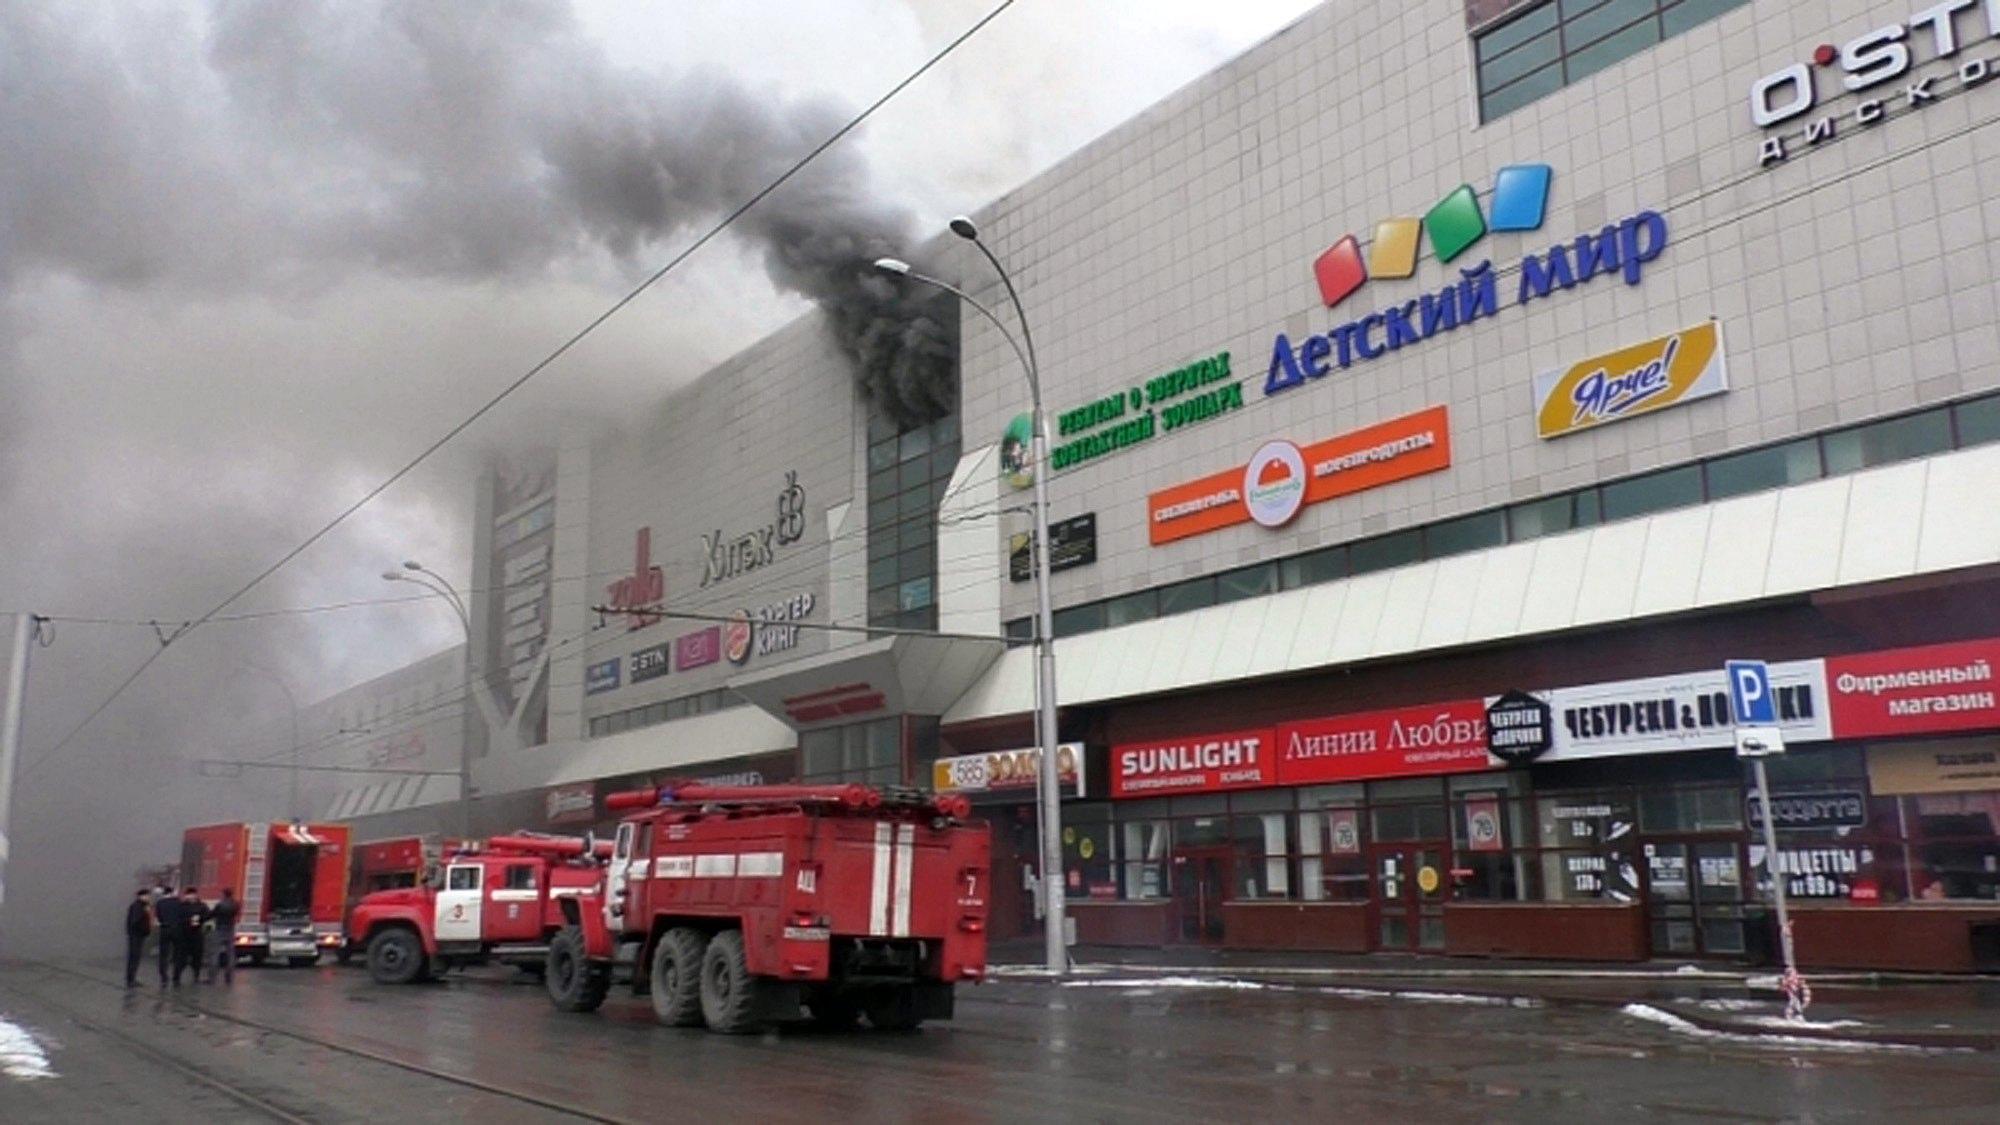 Russia incendio in un centro commerciale: 64 vittime di cui 41 bambini